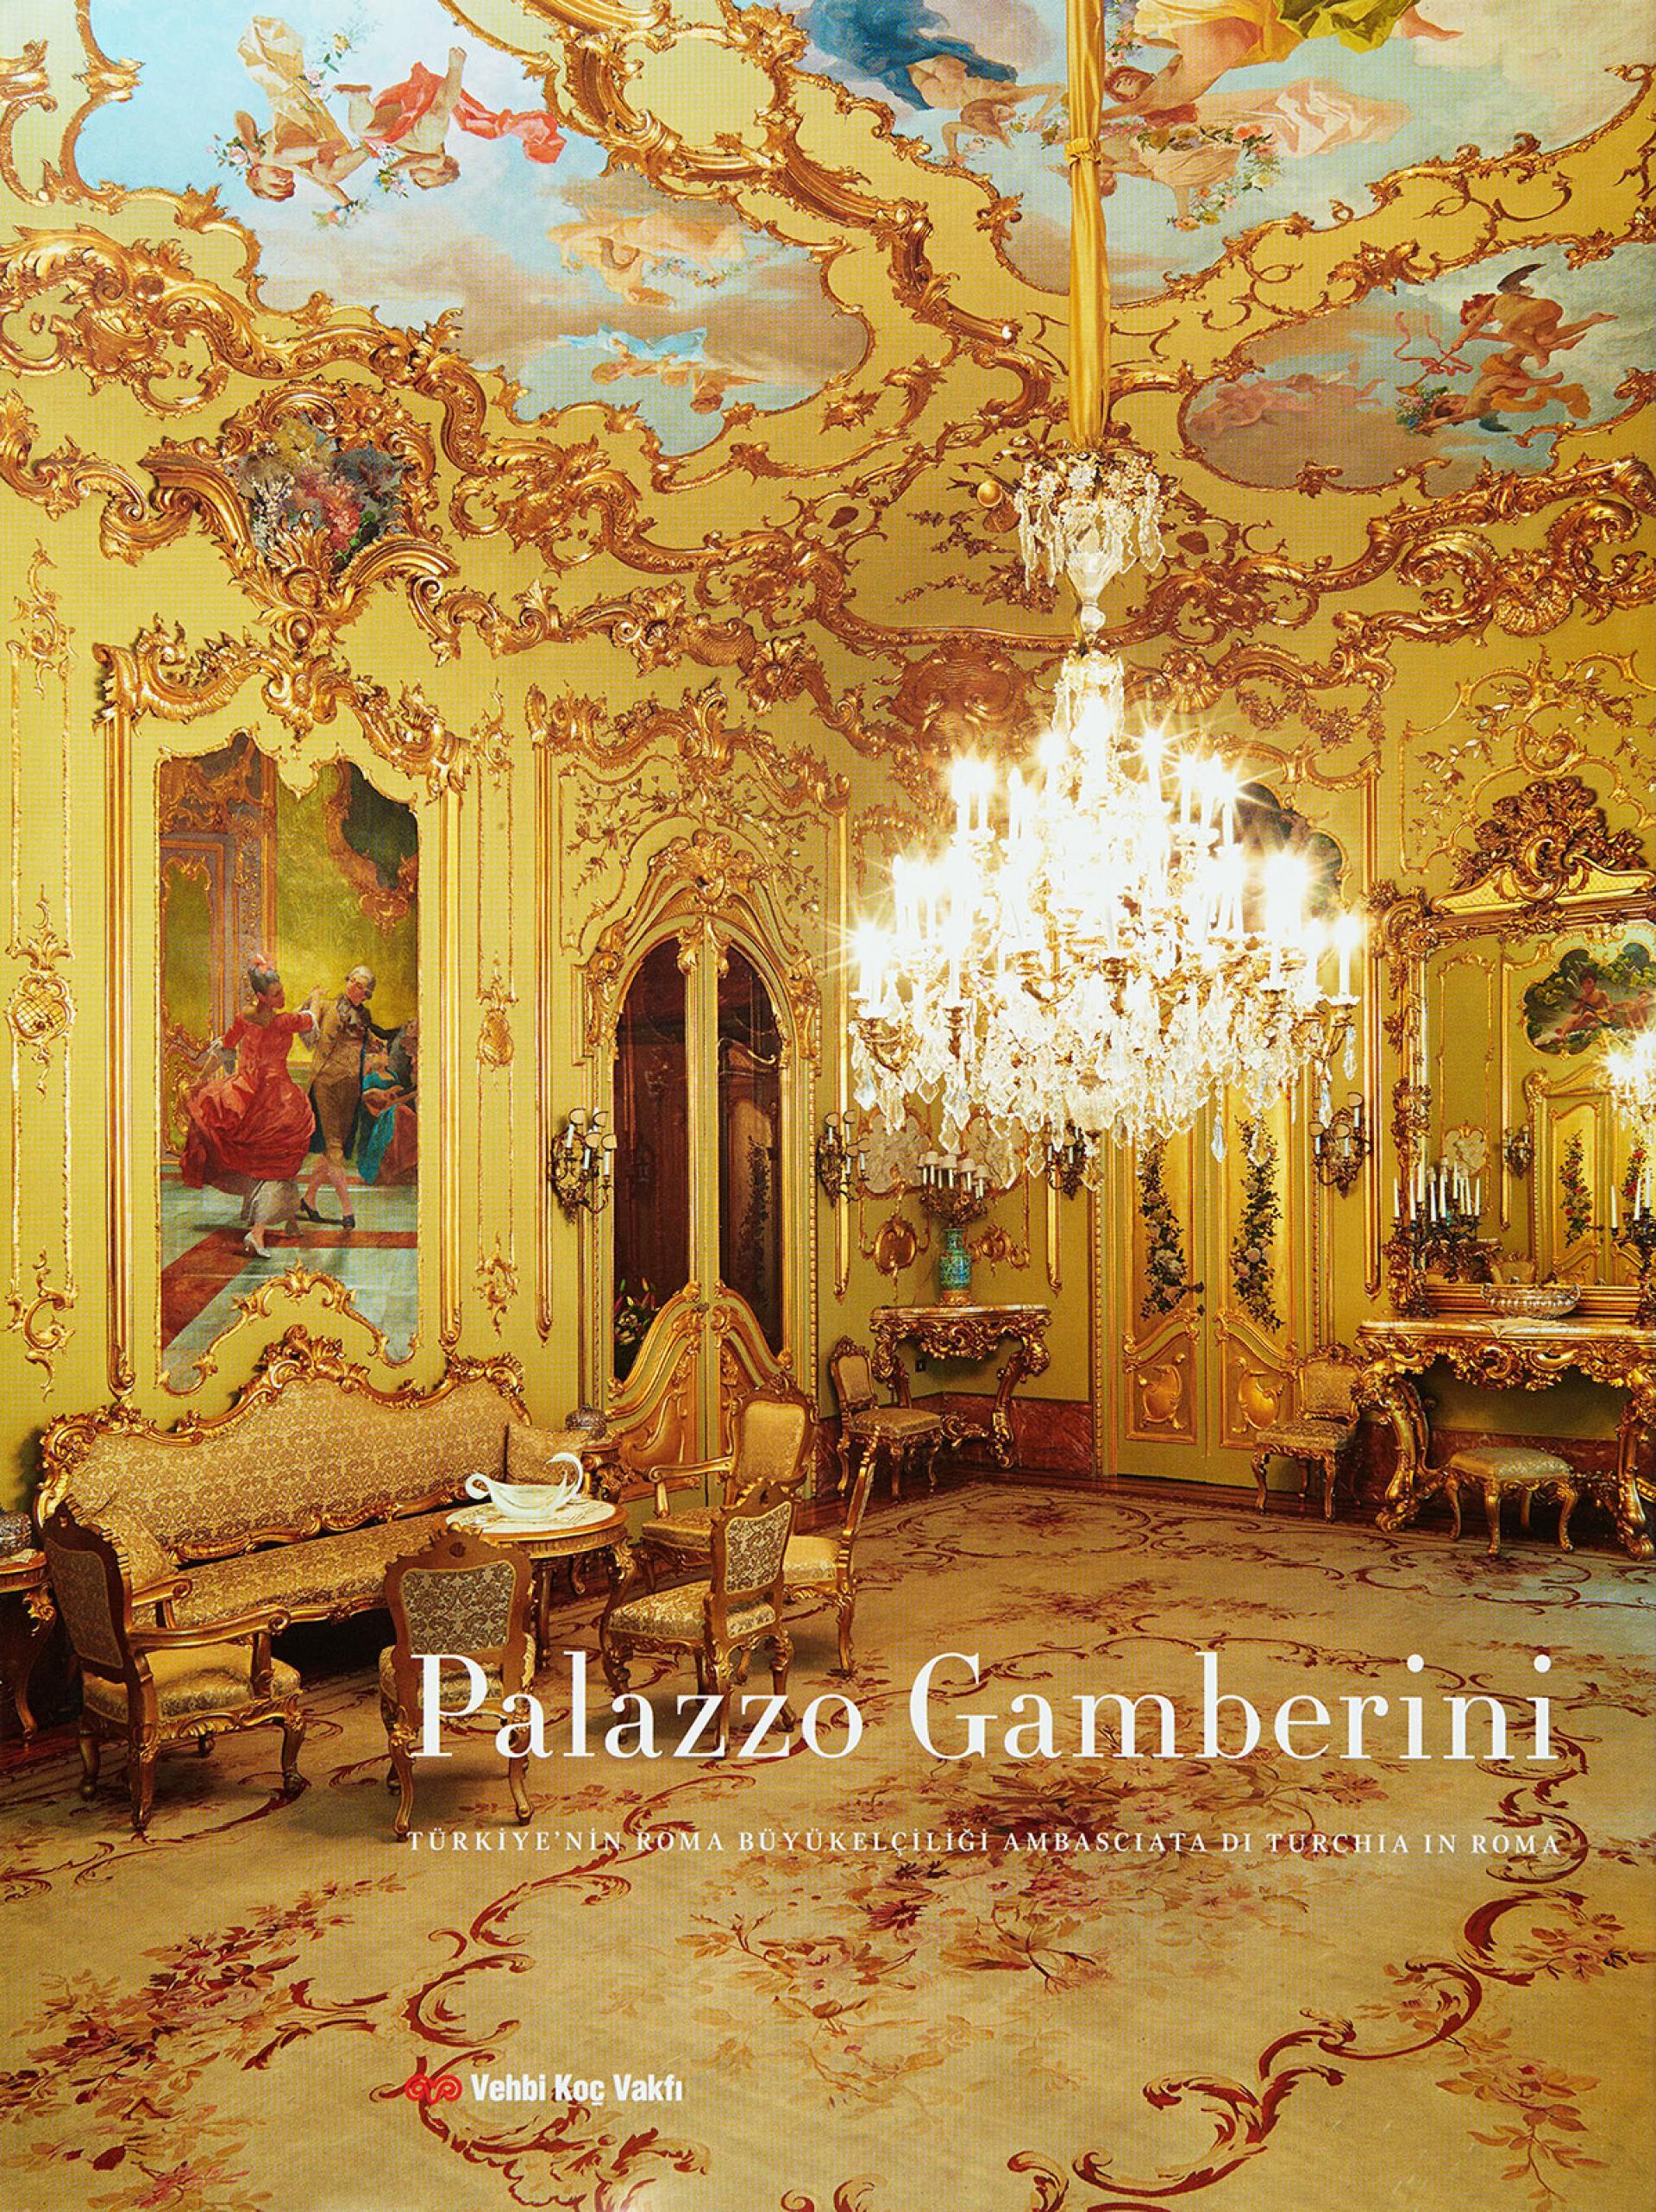 Palazzo Gamberini - Türkiye'nin Roma Büyükelçiliği - KİTAPLAR - Sadberk Hanım Müzesi